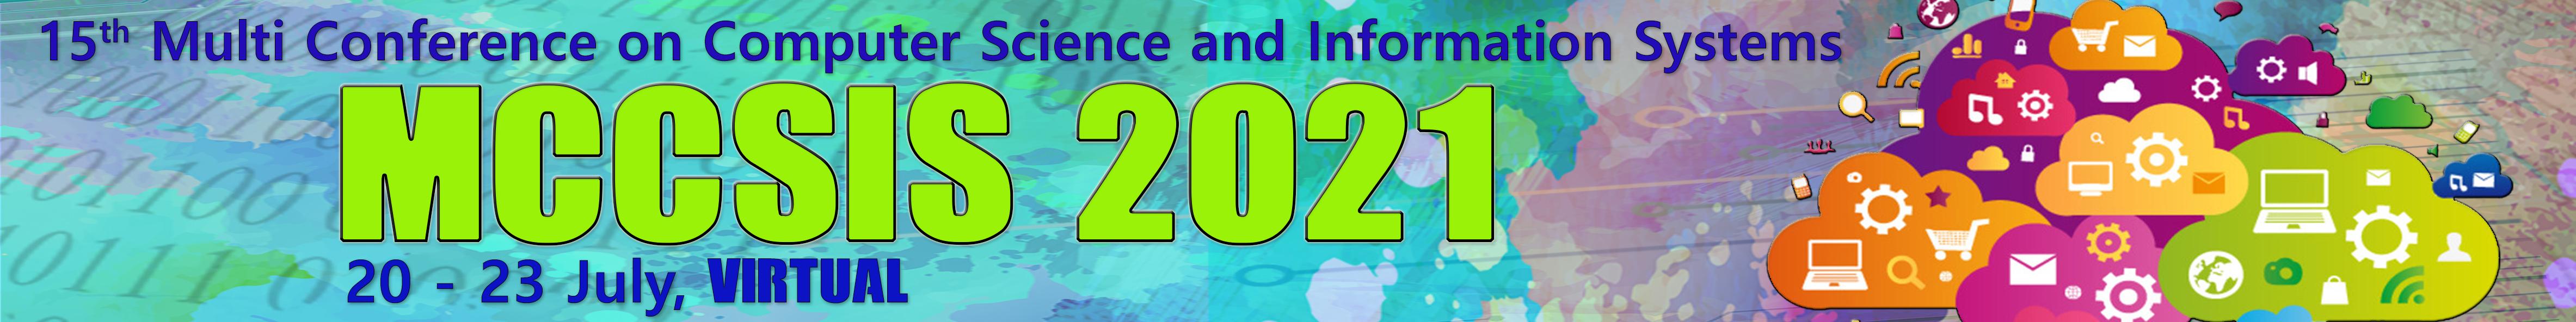 BIGDACI 2021